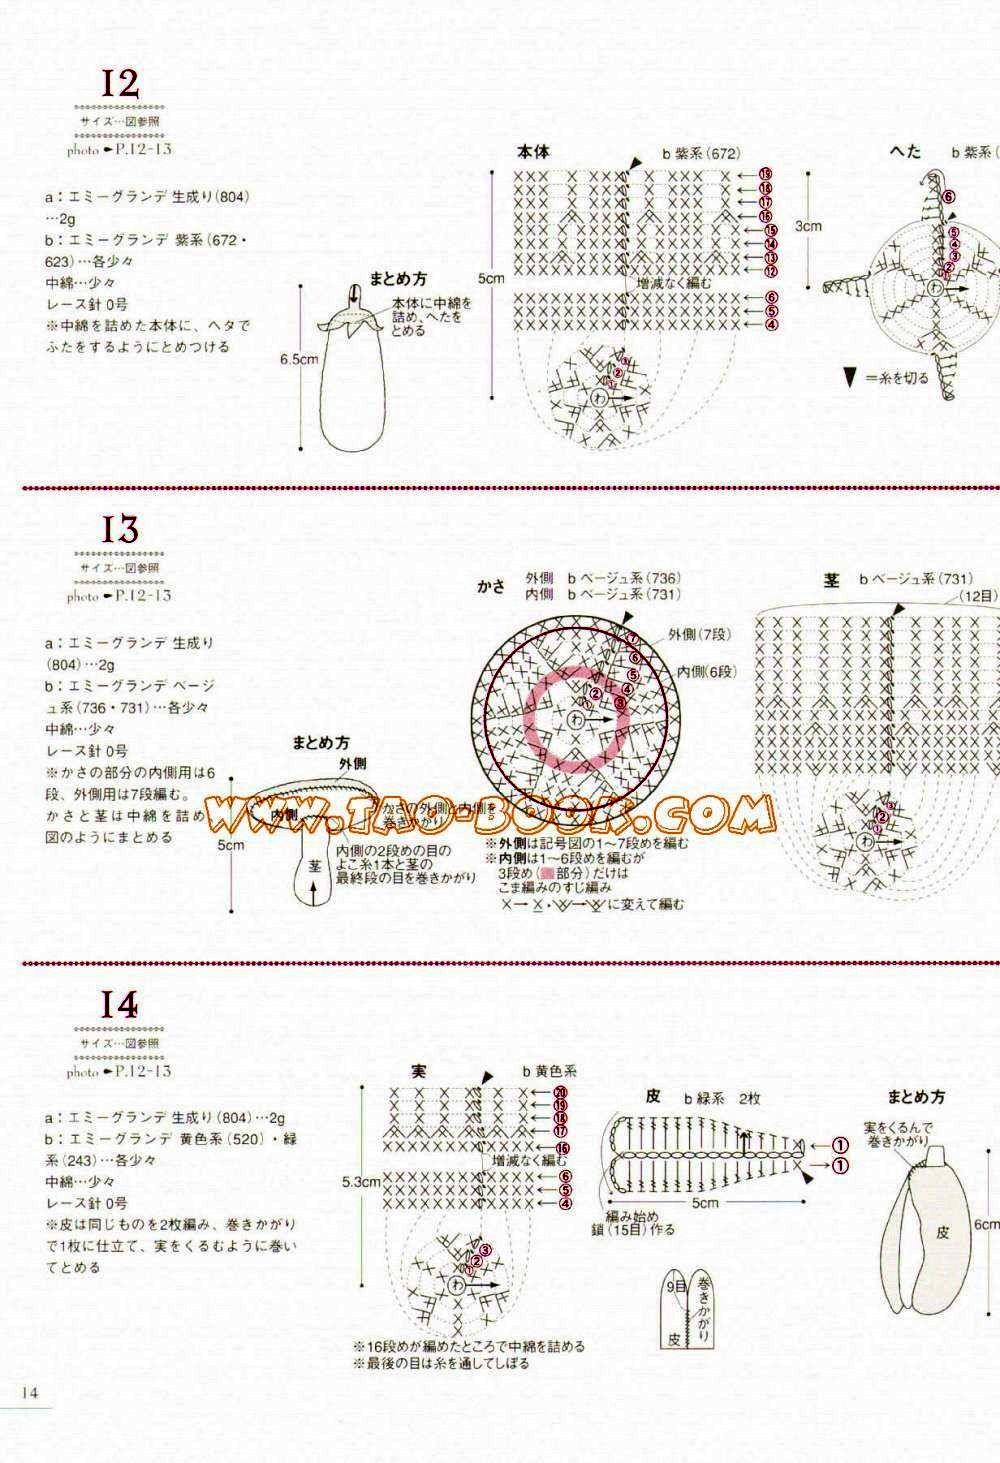 mẫu thú bông hình cây nấm 01511